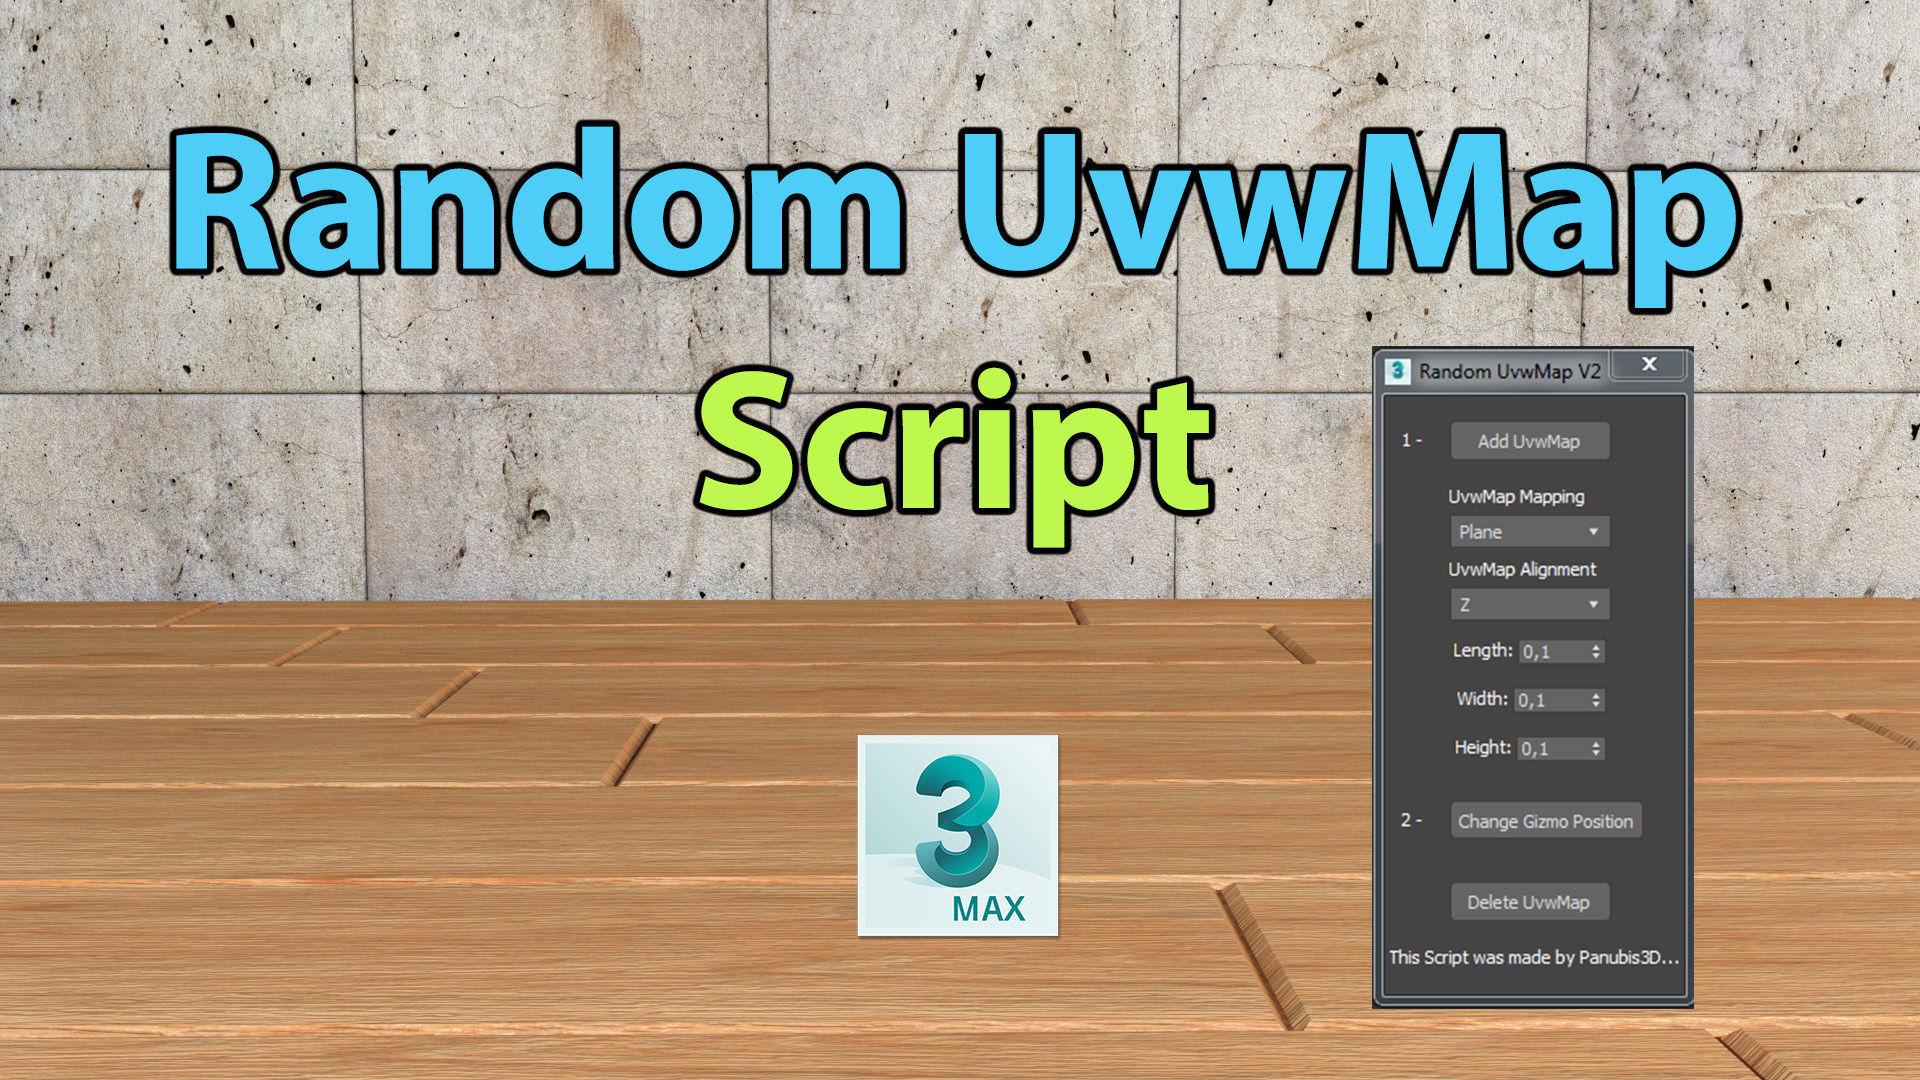 Random UvwMap Script